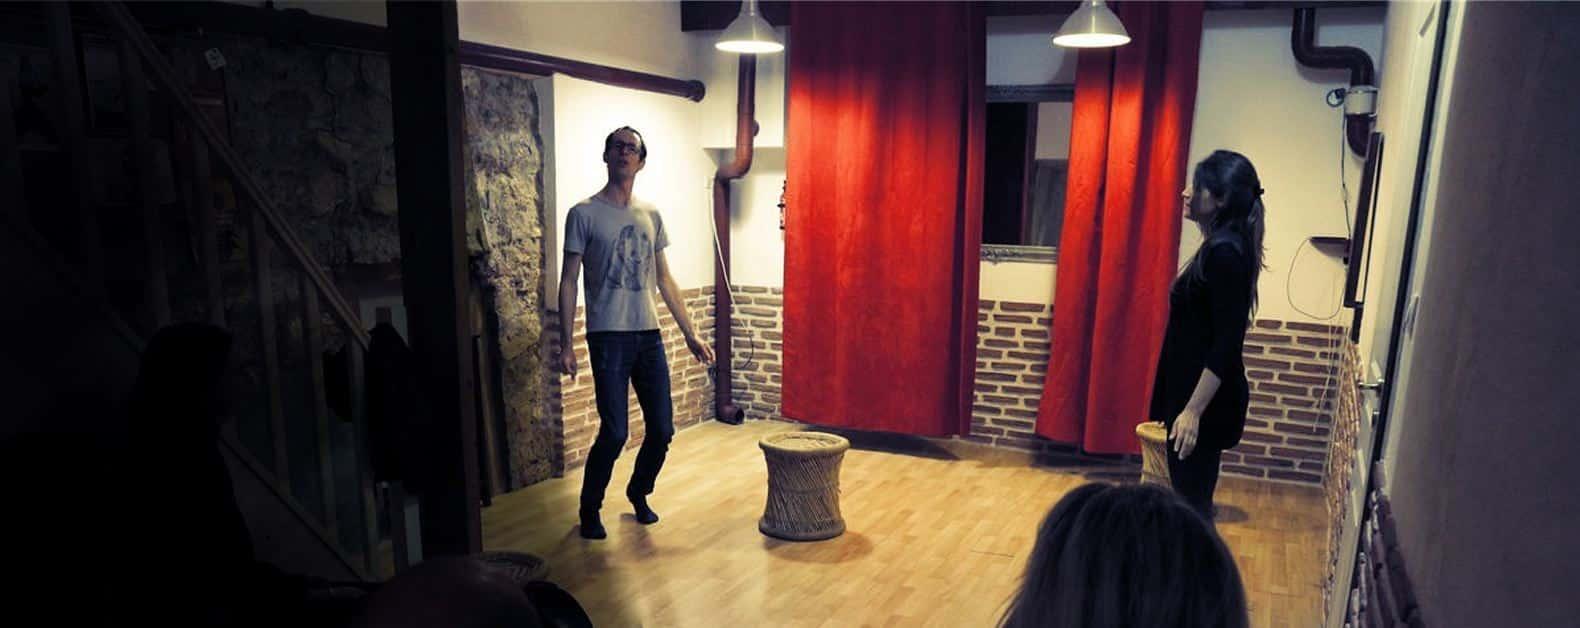 cours de theatre paris acteur comédien actrice cinéma atelier stage formation école prof adulte enfant Éveil de l'Acteur